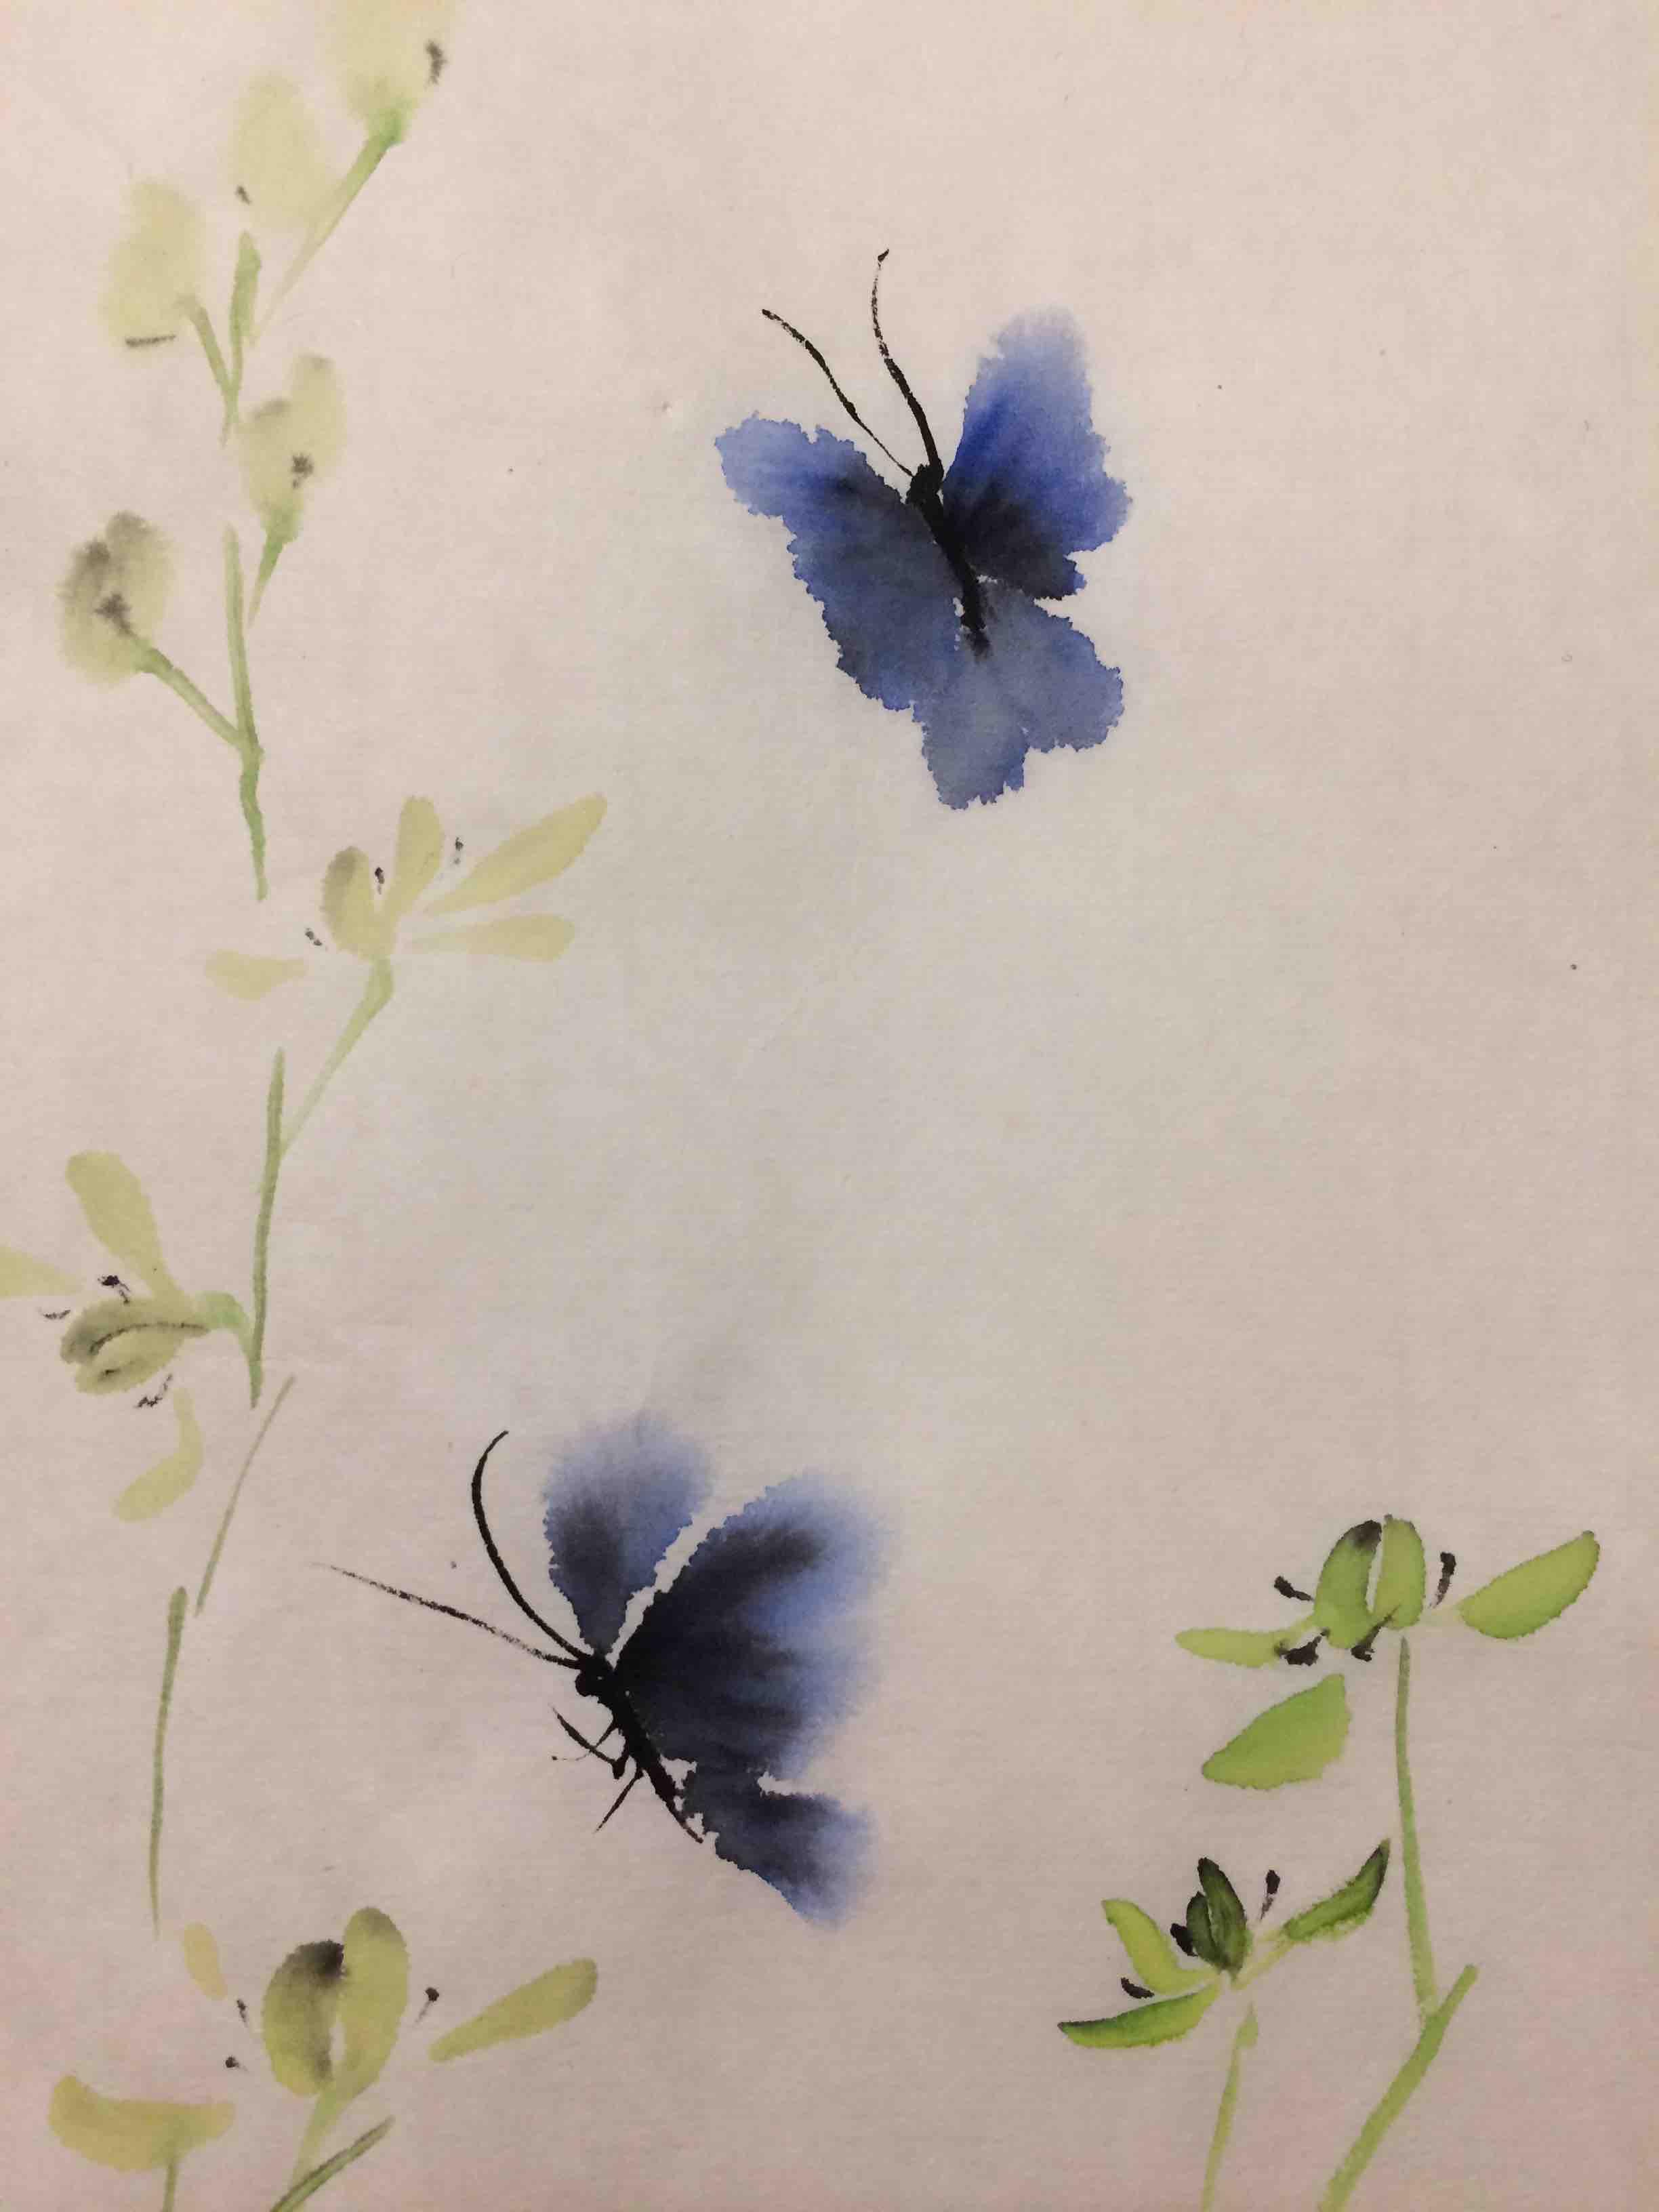 Blaue Schmetterlinge und chinesische Orchidee